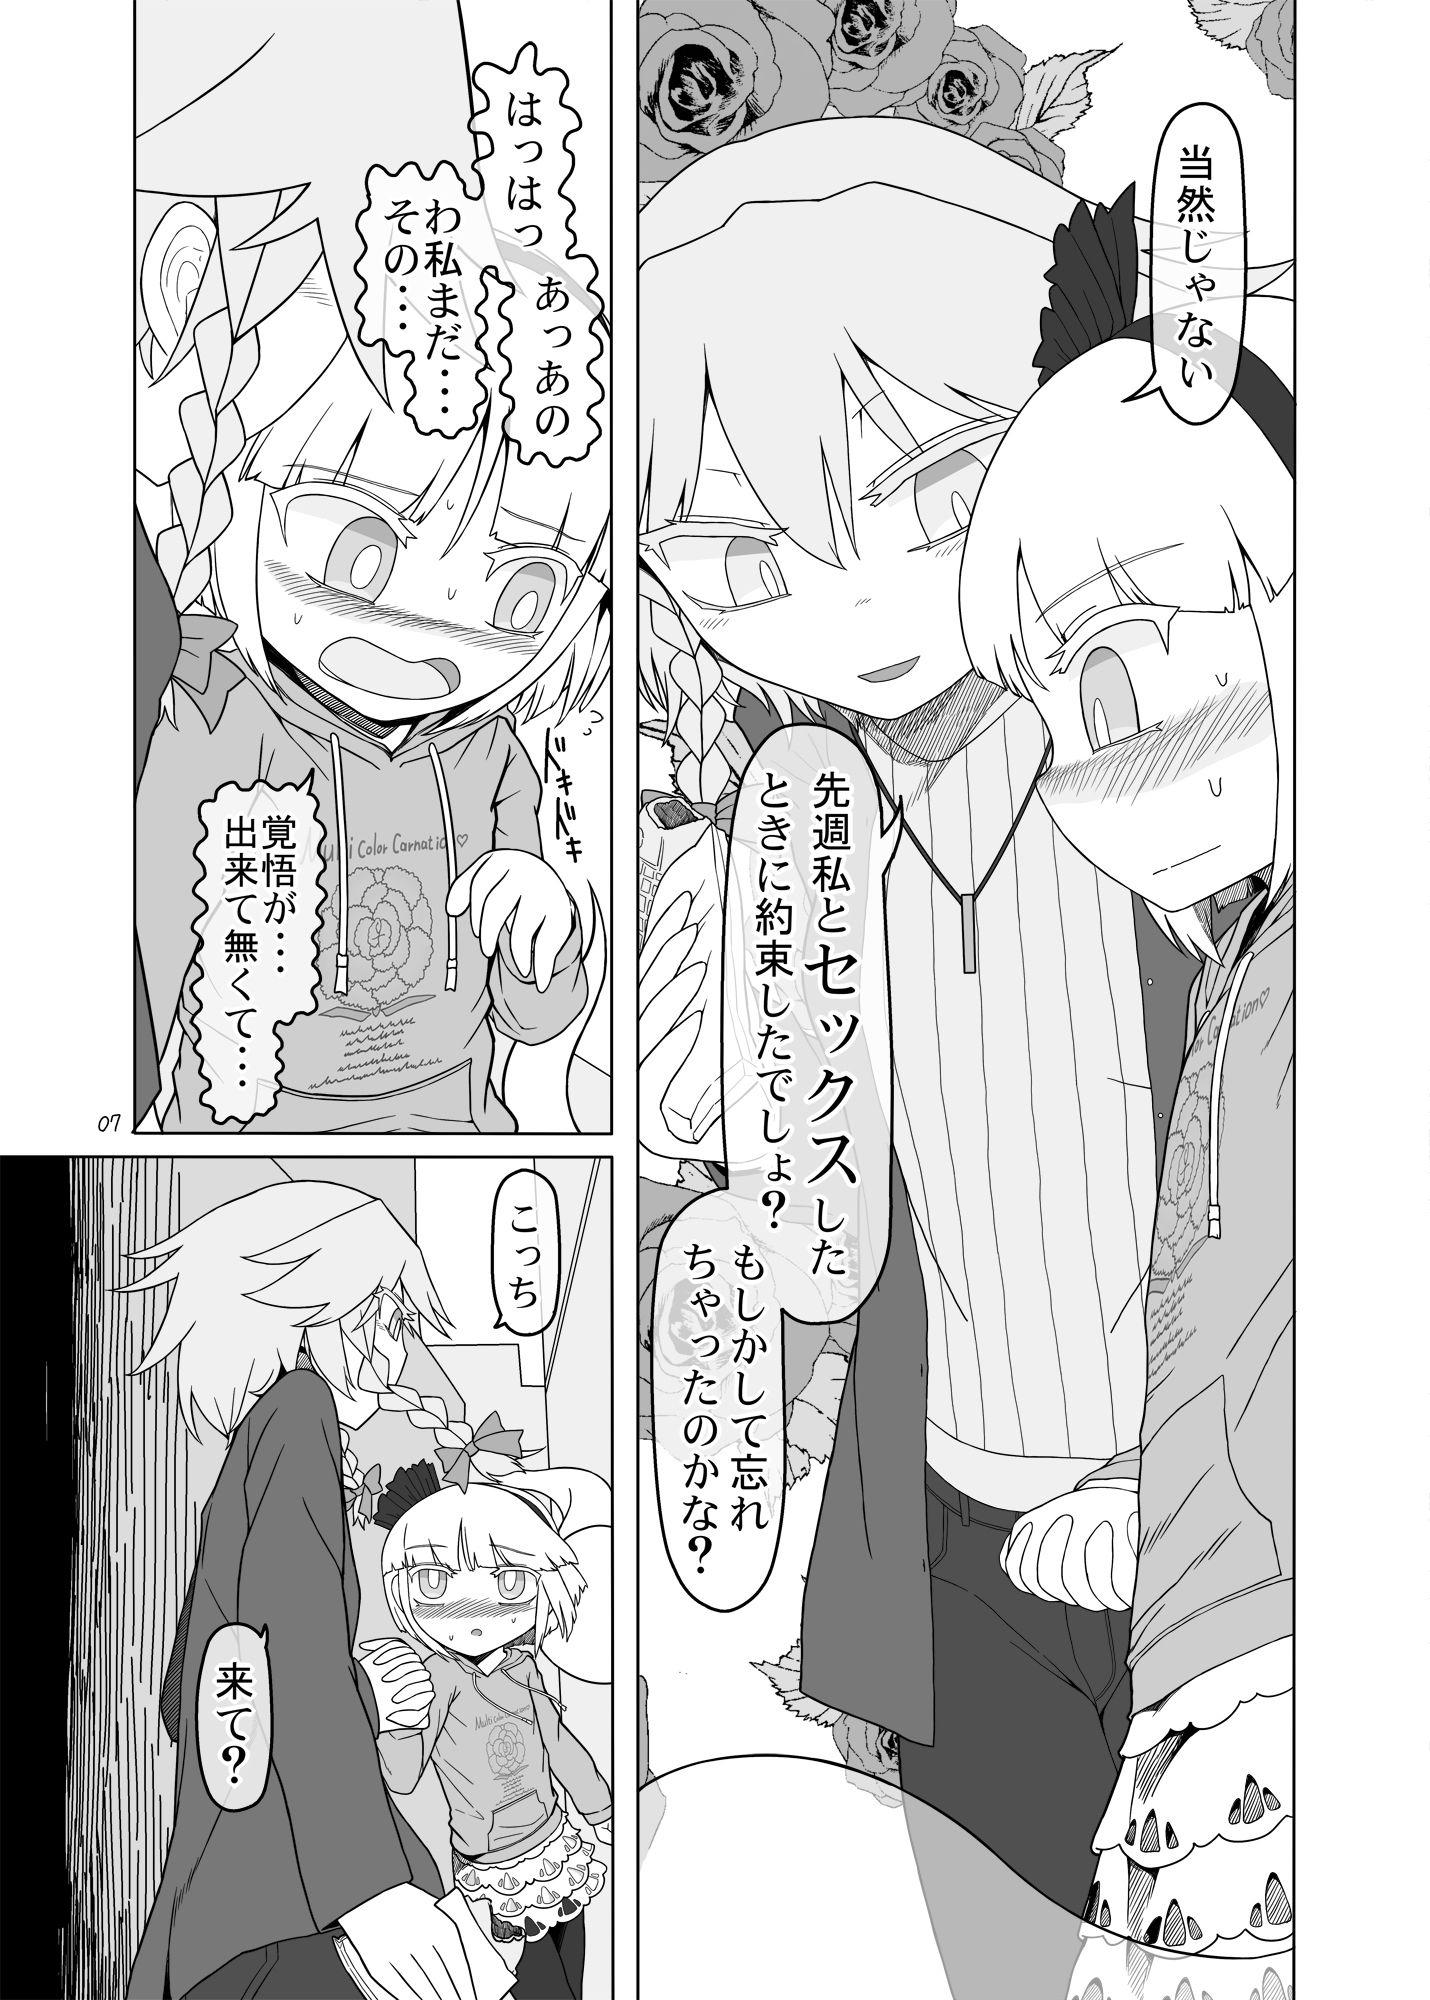 【紅 同人】咲みょん禁忌スカトロ編